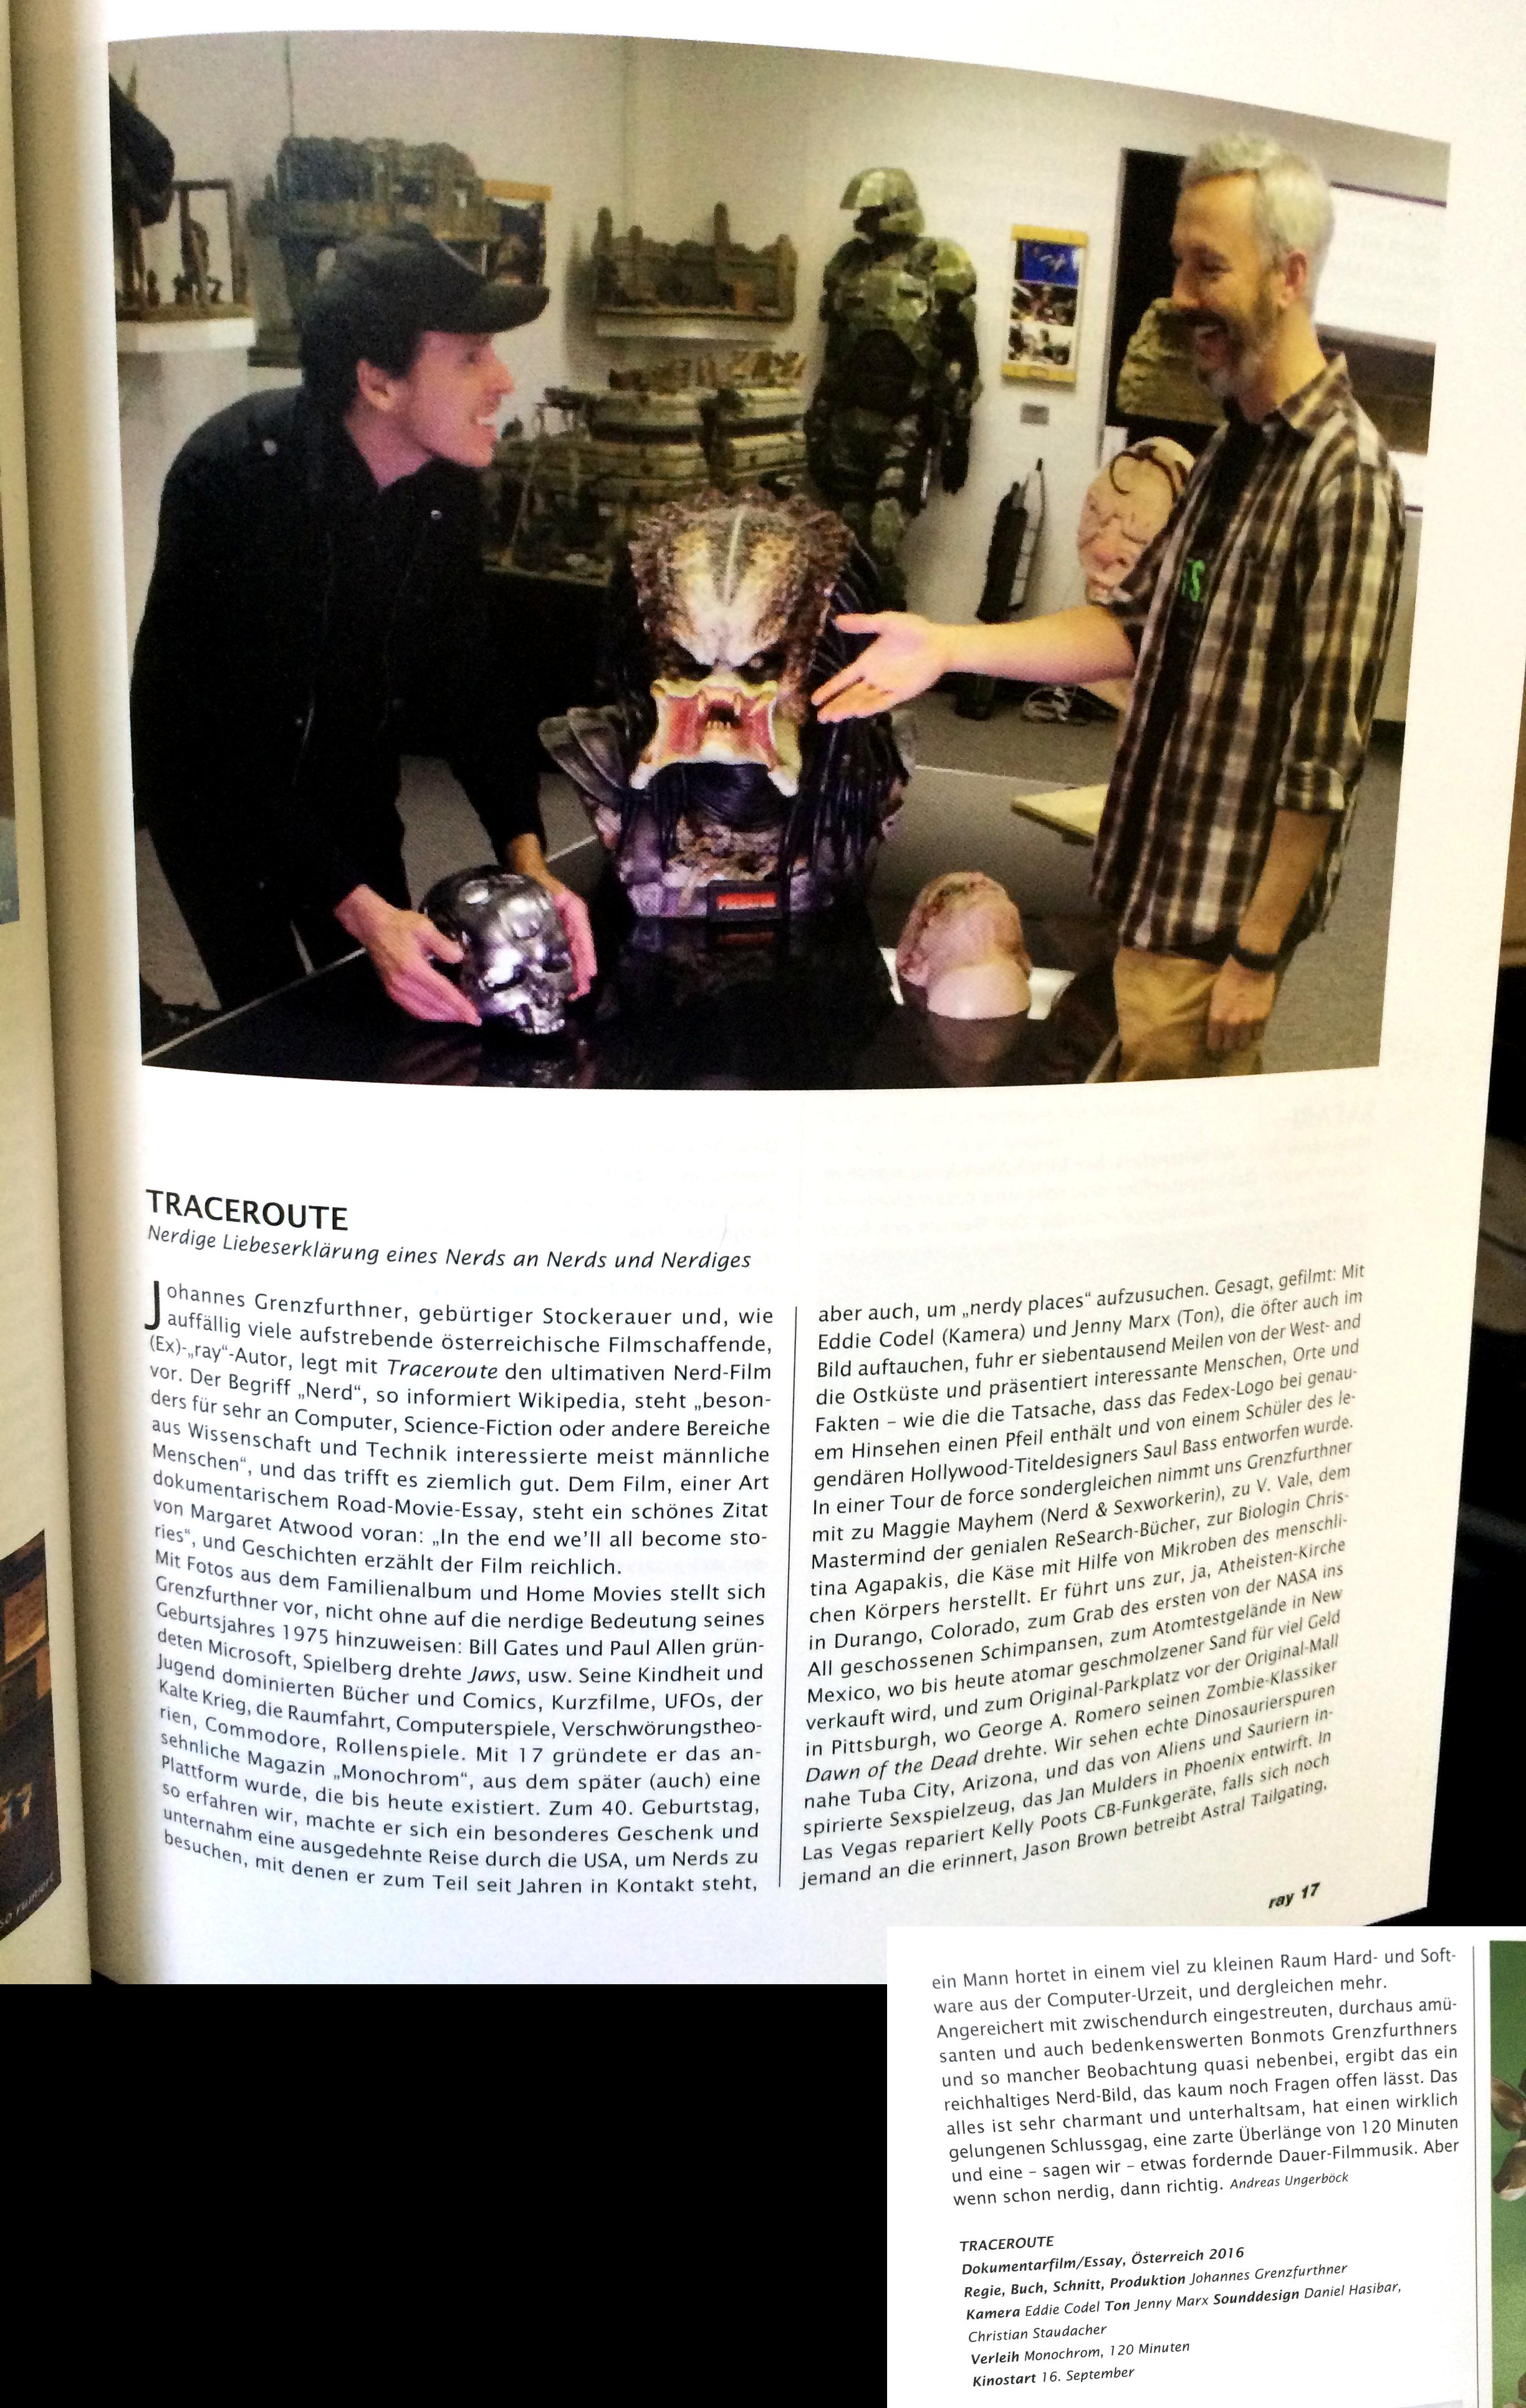 traceroute ray filmmagazin